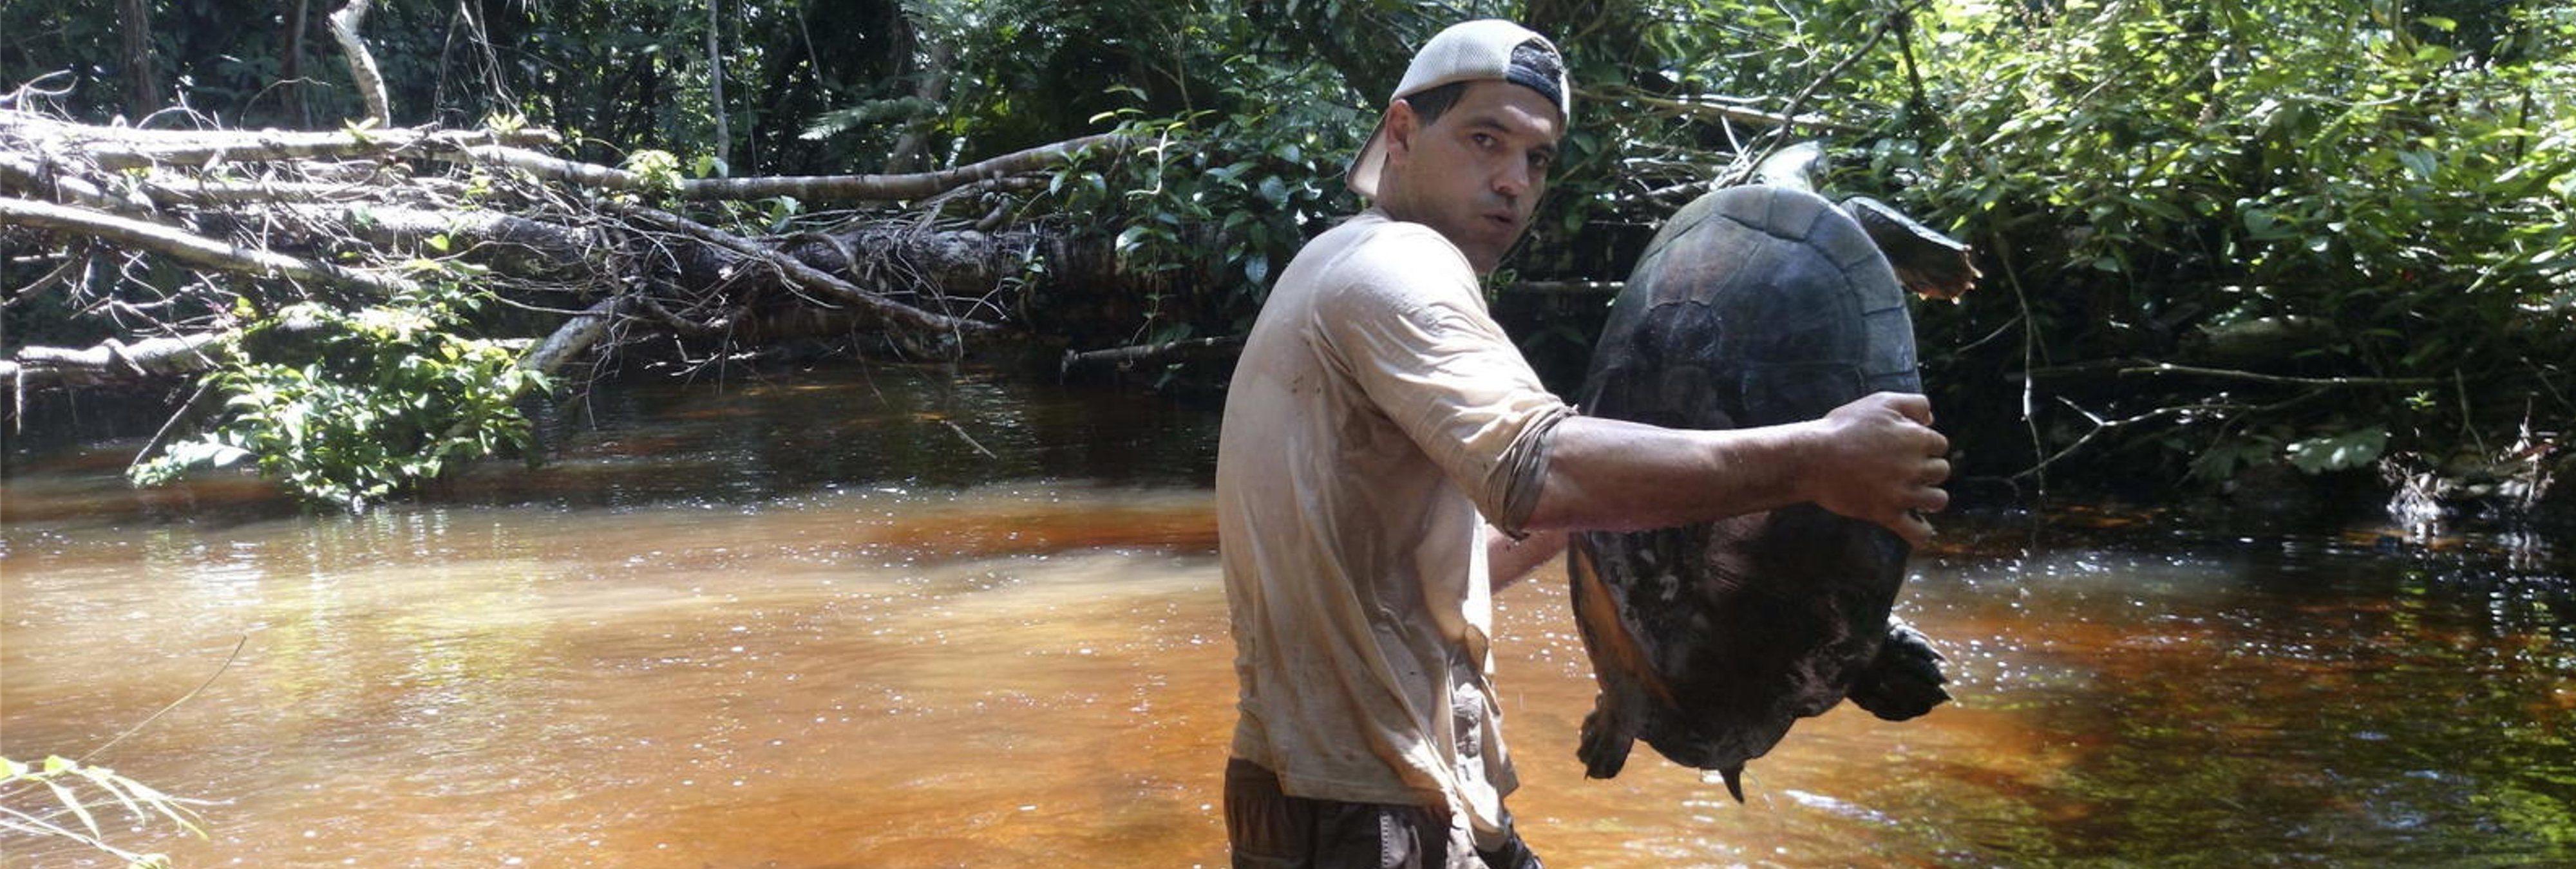 Frank Cuesta tacha de irresponsables a los niños rescatados de la cueva de Tailandia